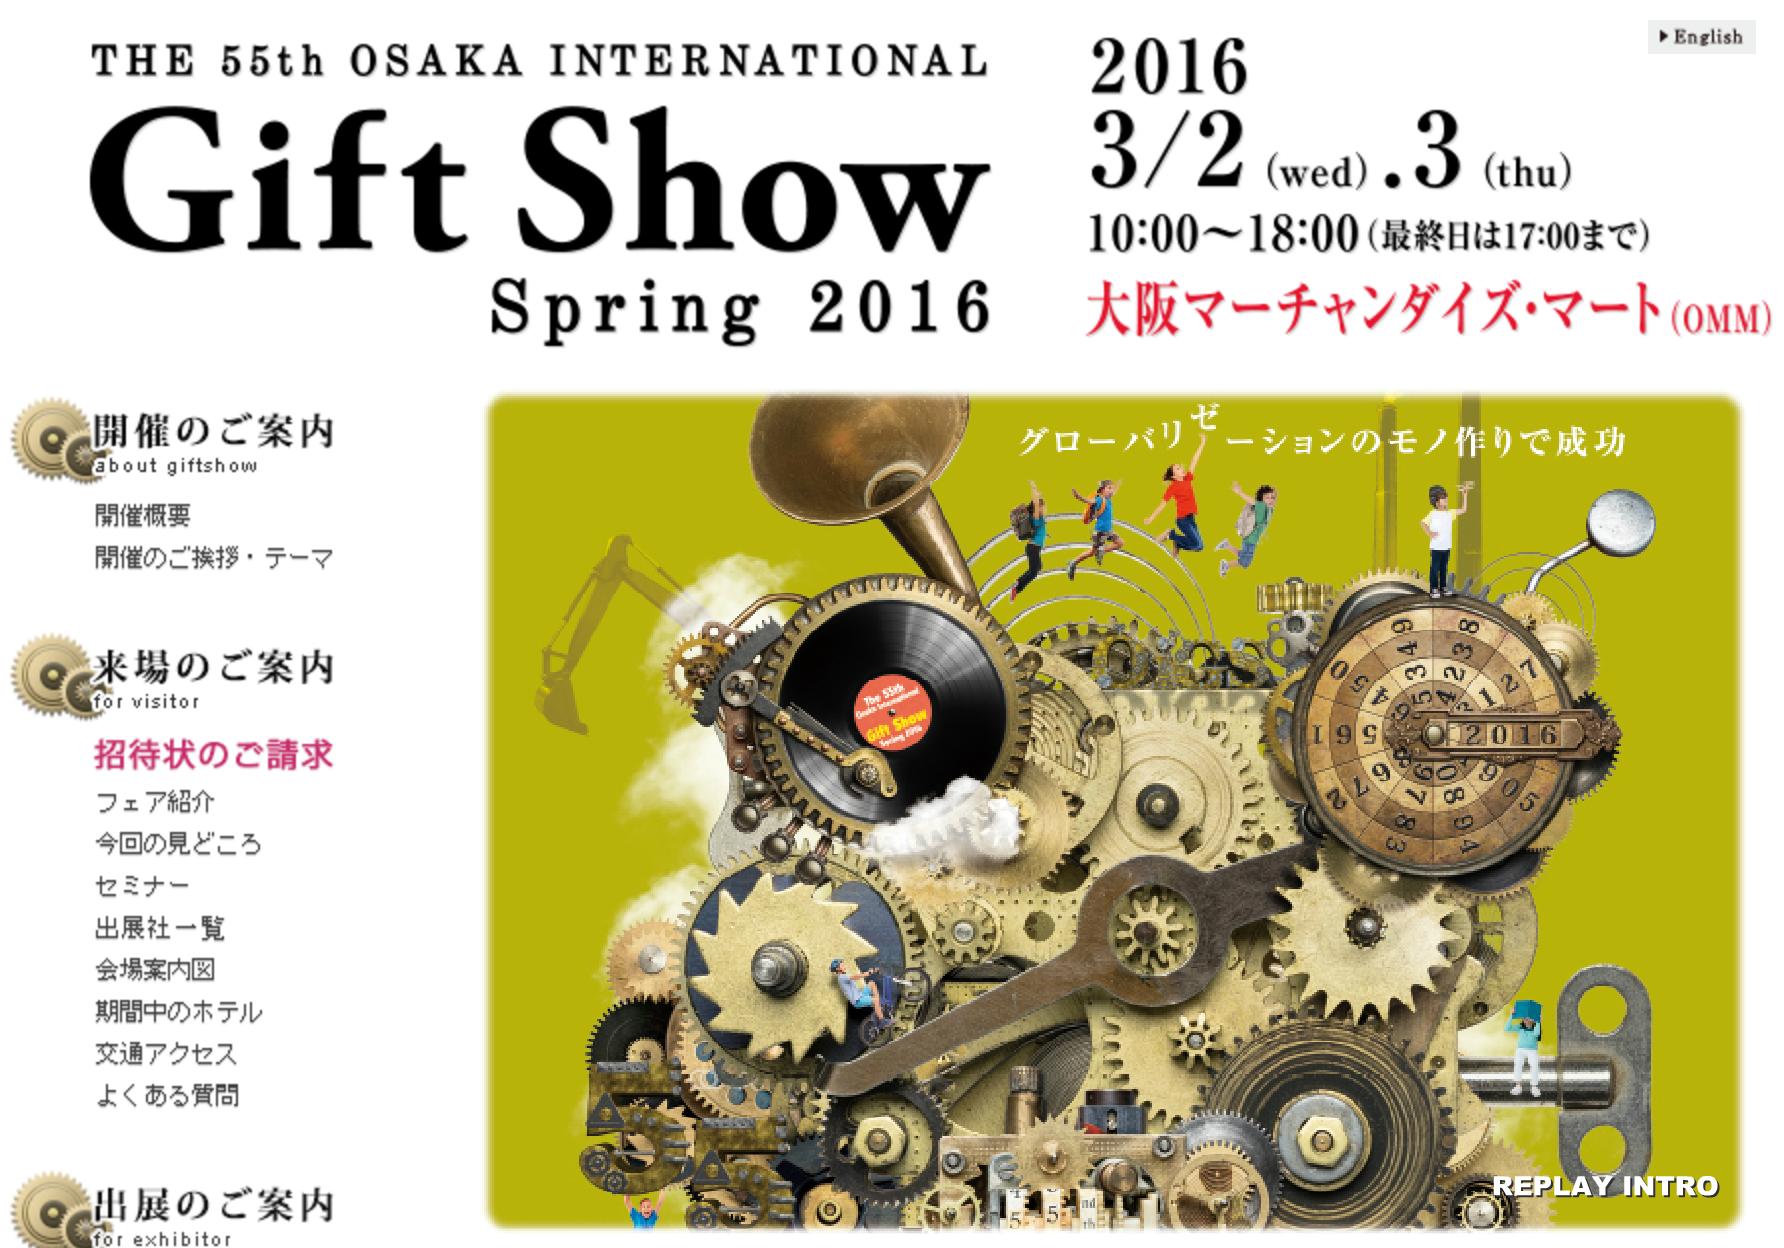 第55回大阪インターナショナル・ギフト・ショー春2016